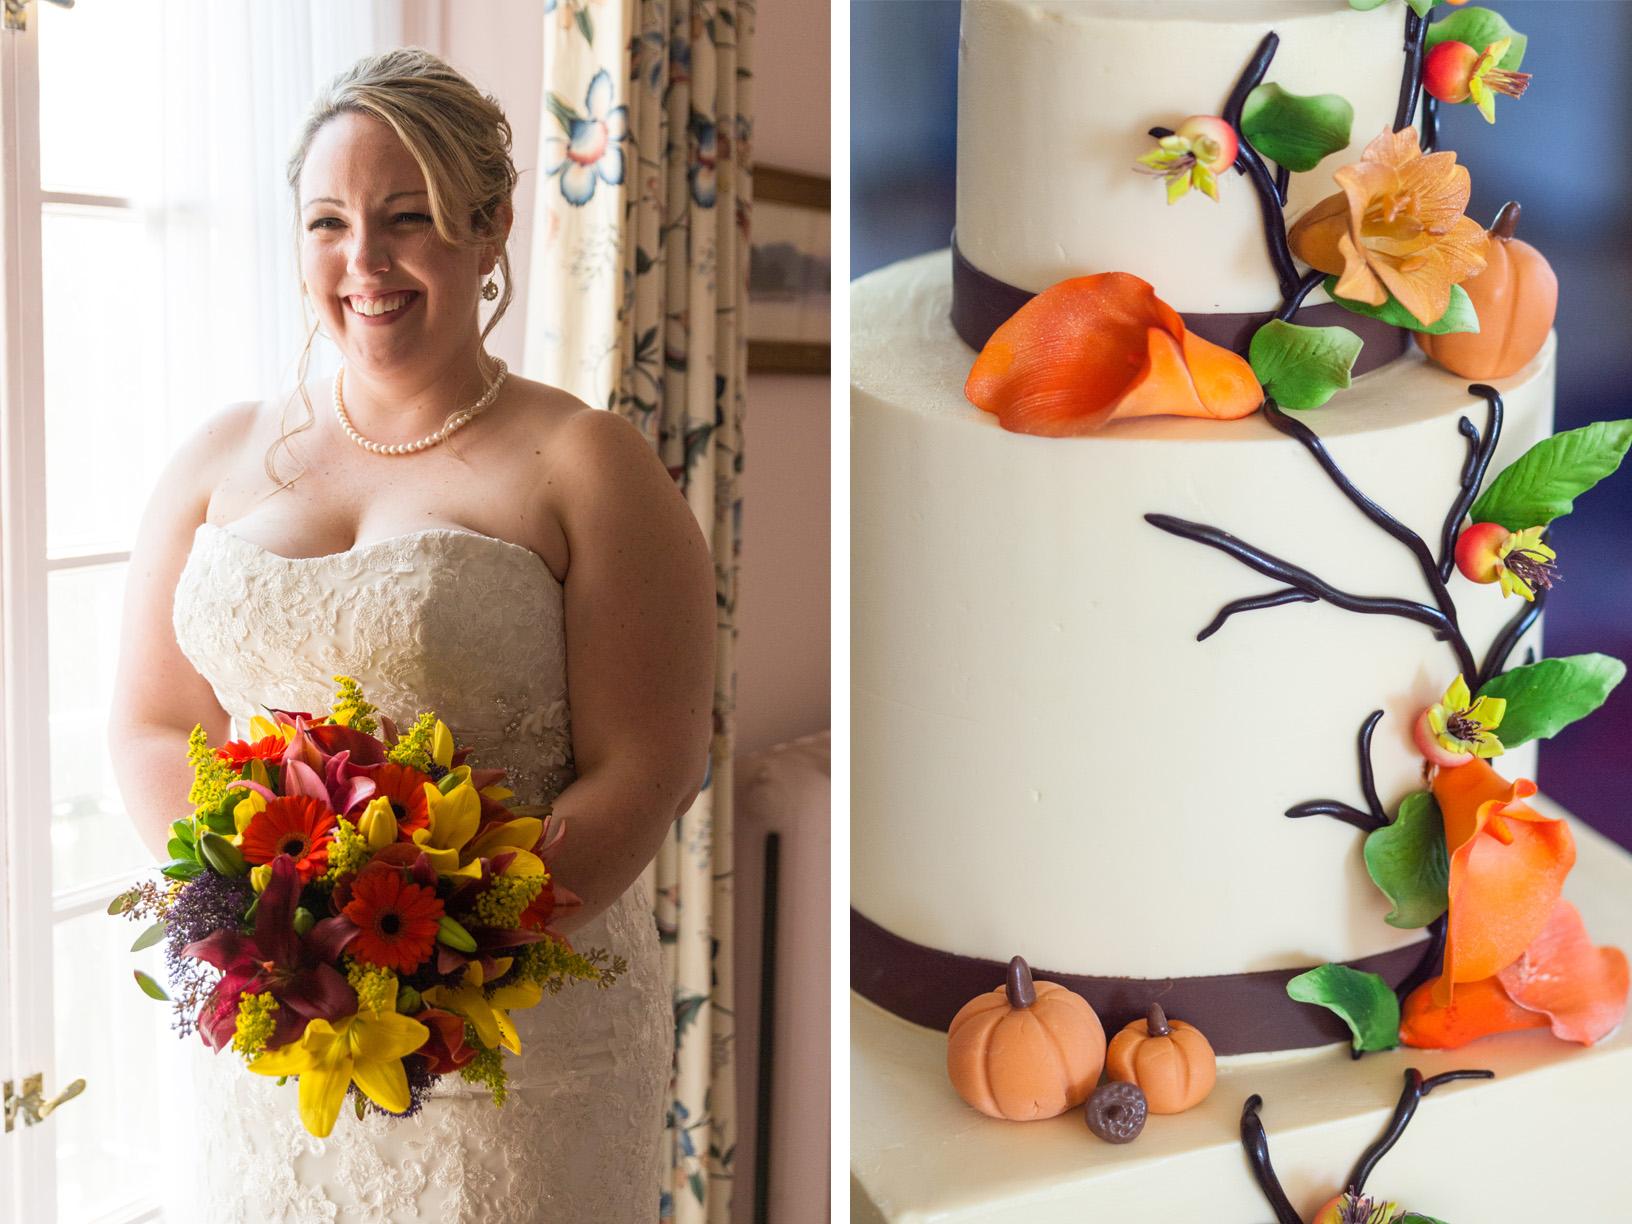 10-bride-bouquet-wedding-cake.jpg